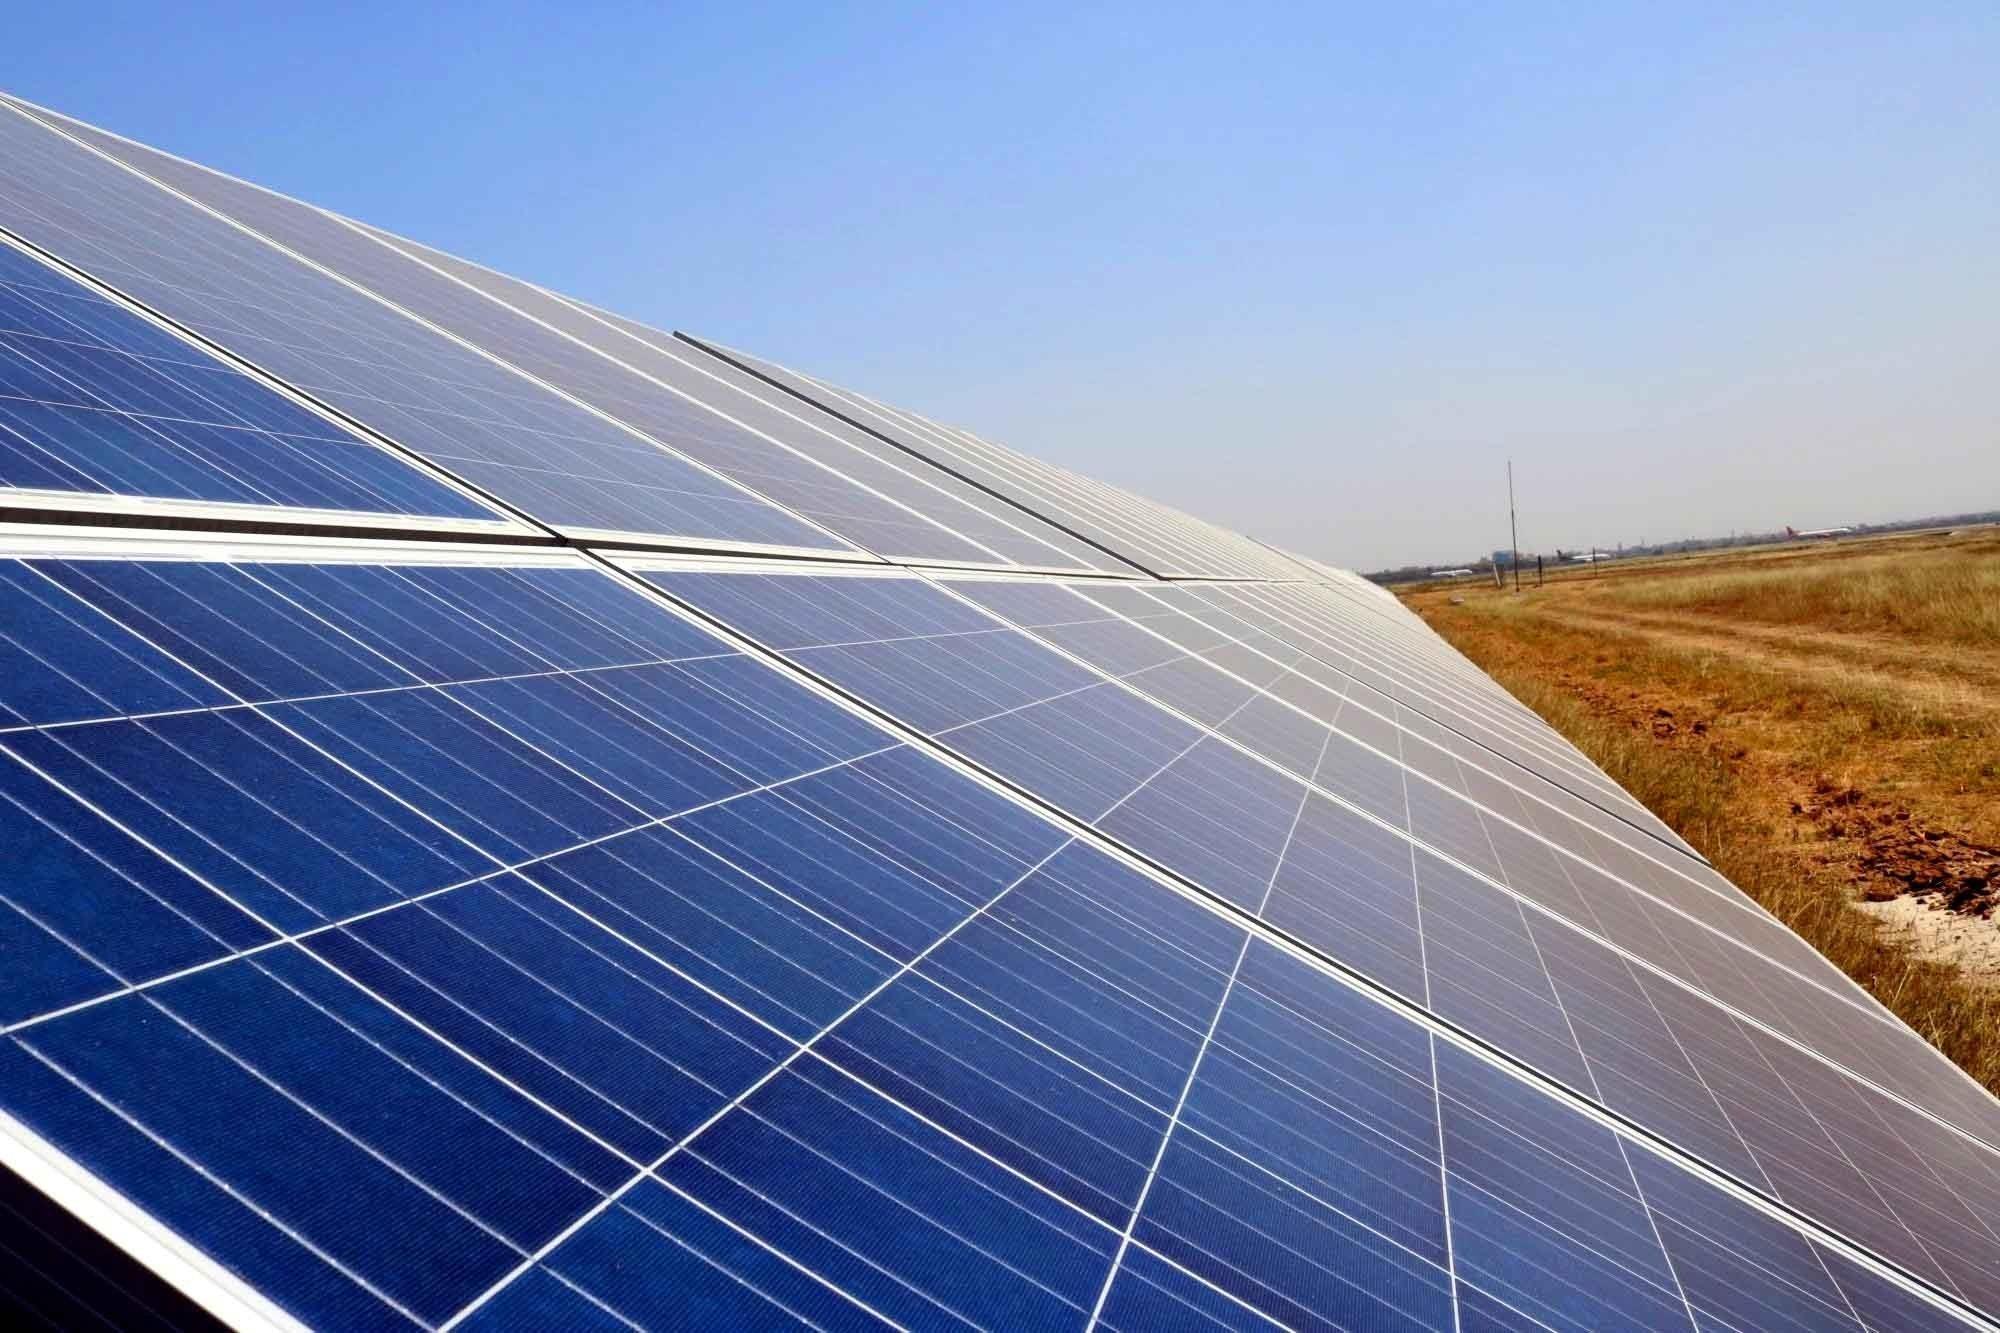 印度拟对进口太阳能组件征收高达40%关税